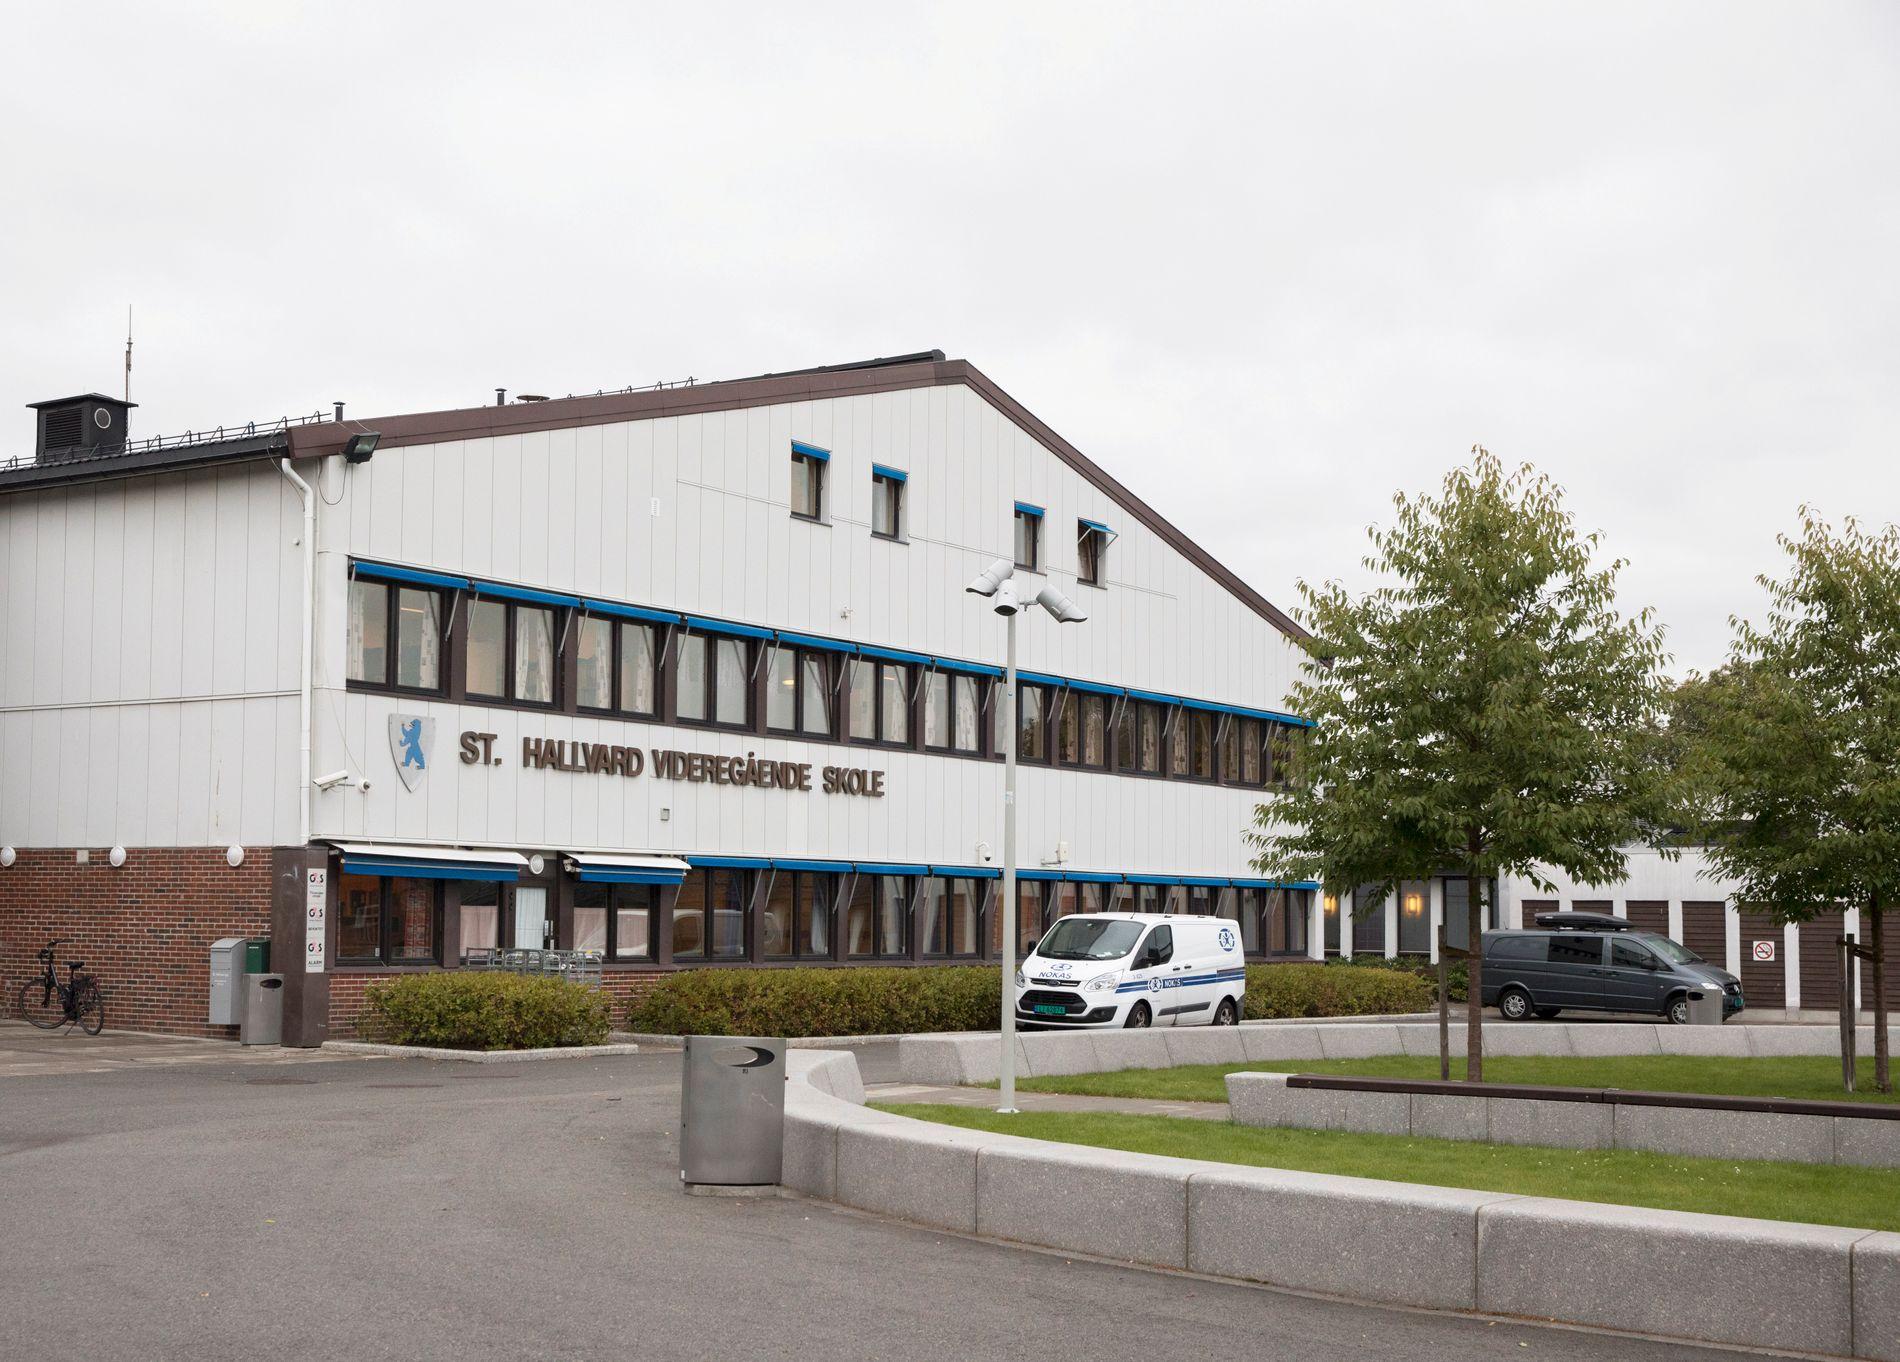 SKJEDDE VED SKOLE: Knivstikkingen skjedde ved St. Hallvard videregående skole i Lier i Buskerud.